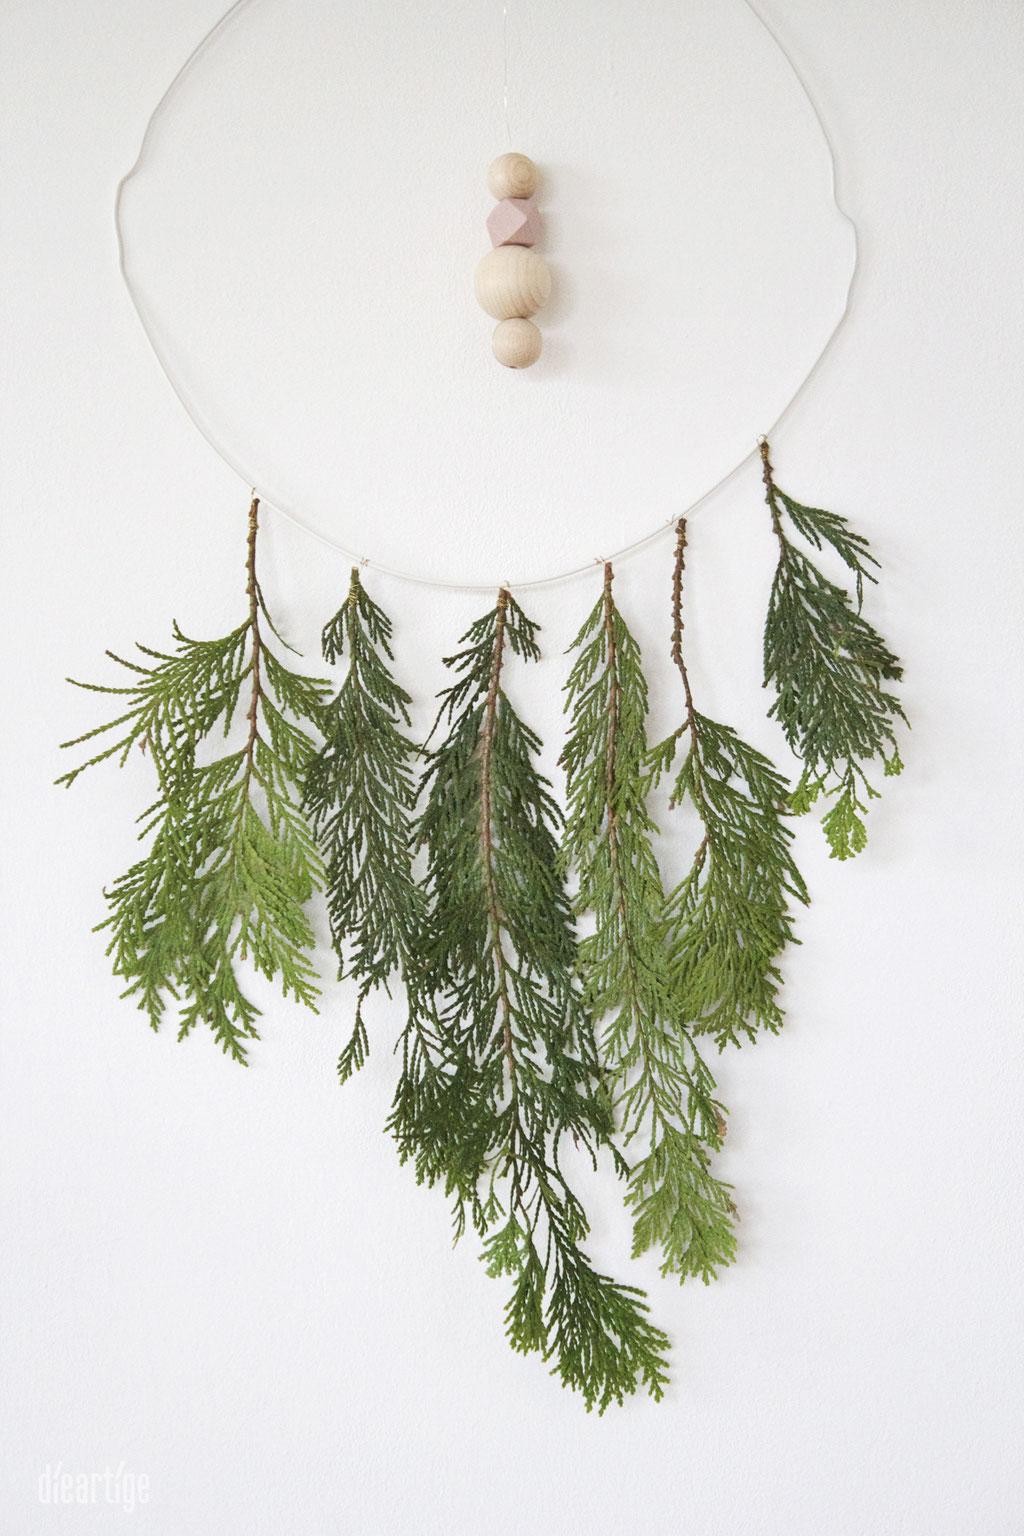 dieartigeBLOG - Mit Thuja, Kleiderbügel + Holzperlen einen winterlichen Traumfänger basteln, Dekoidee, Weihnachten, Advent, Winter